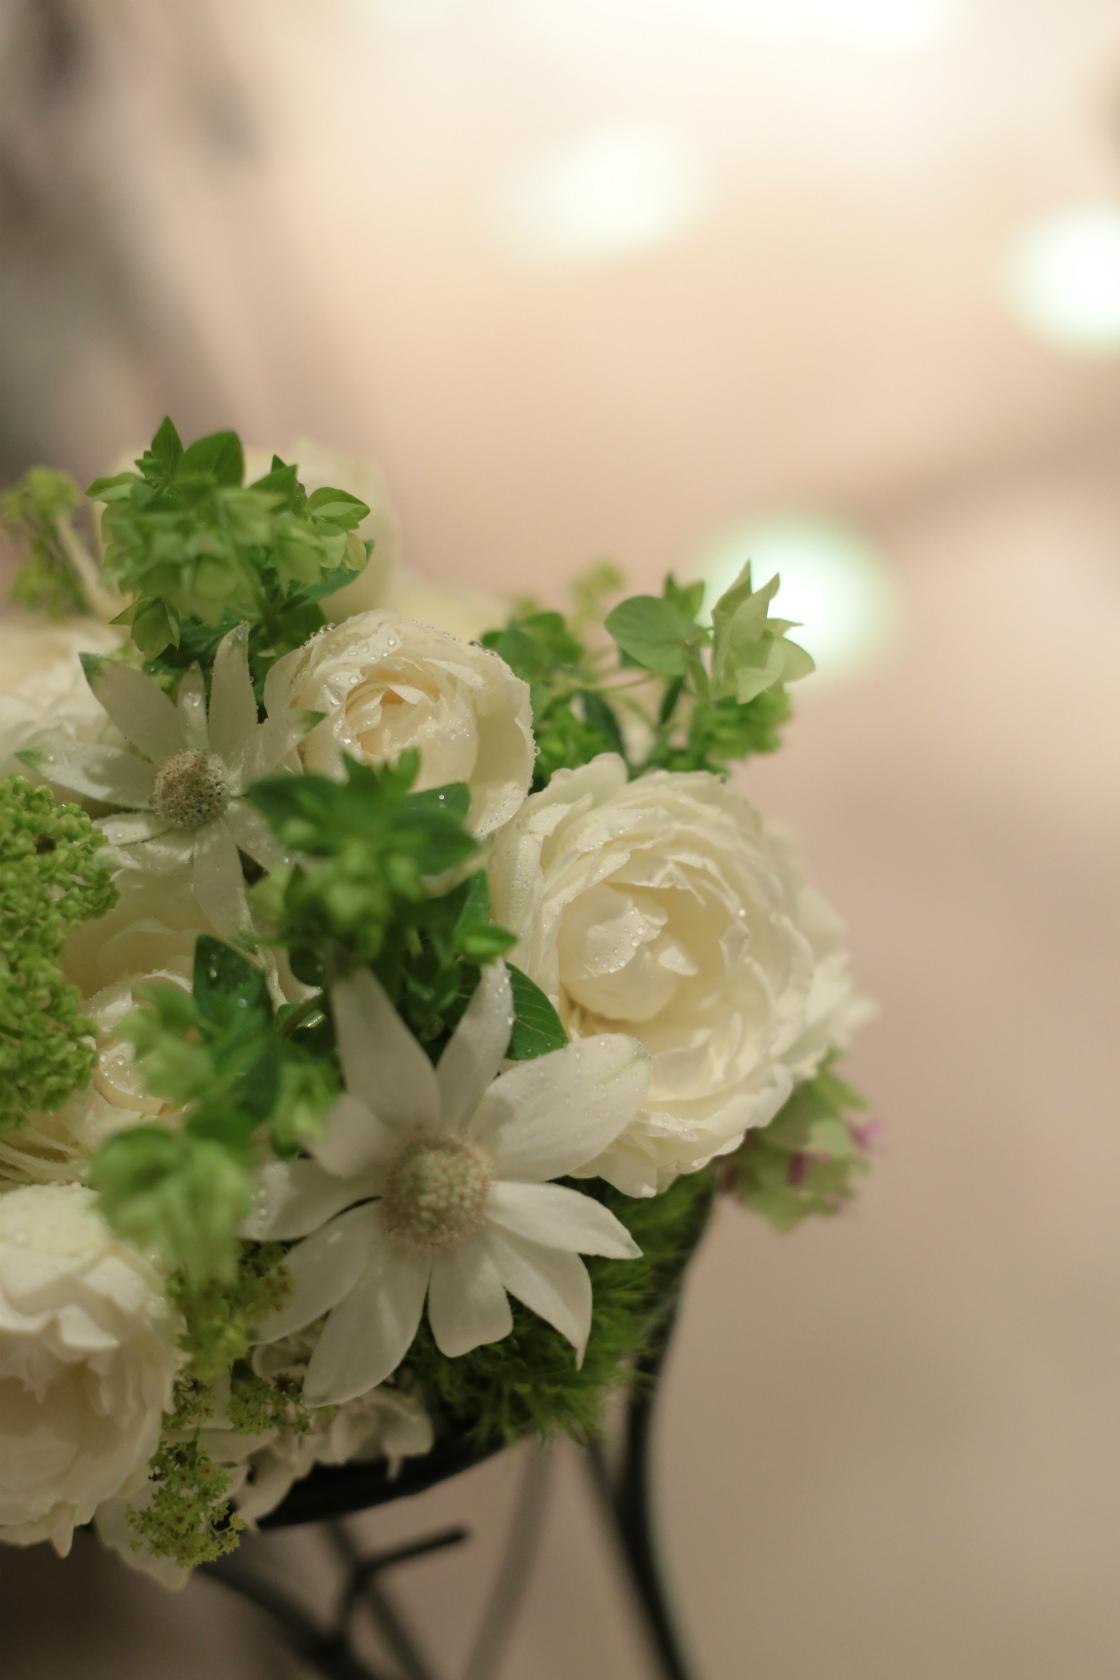 新郎新婦様からのメール 6月の花嫁はうさぎさん1_a0042928_12341858.jpg